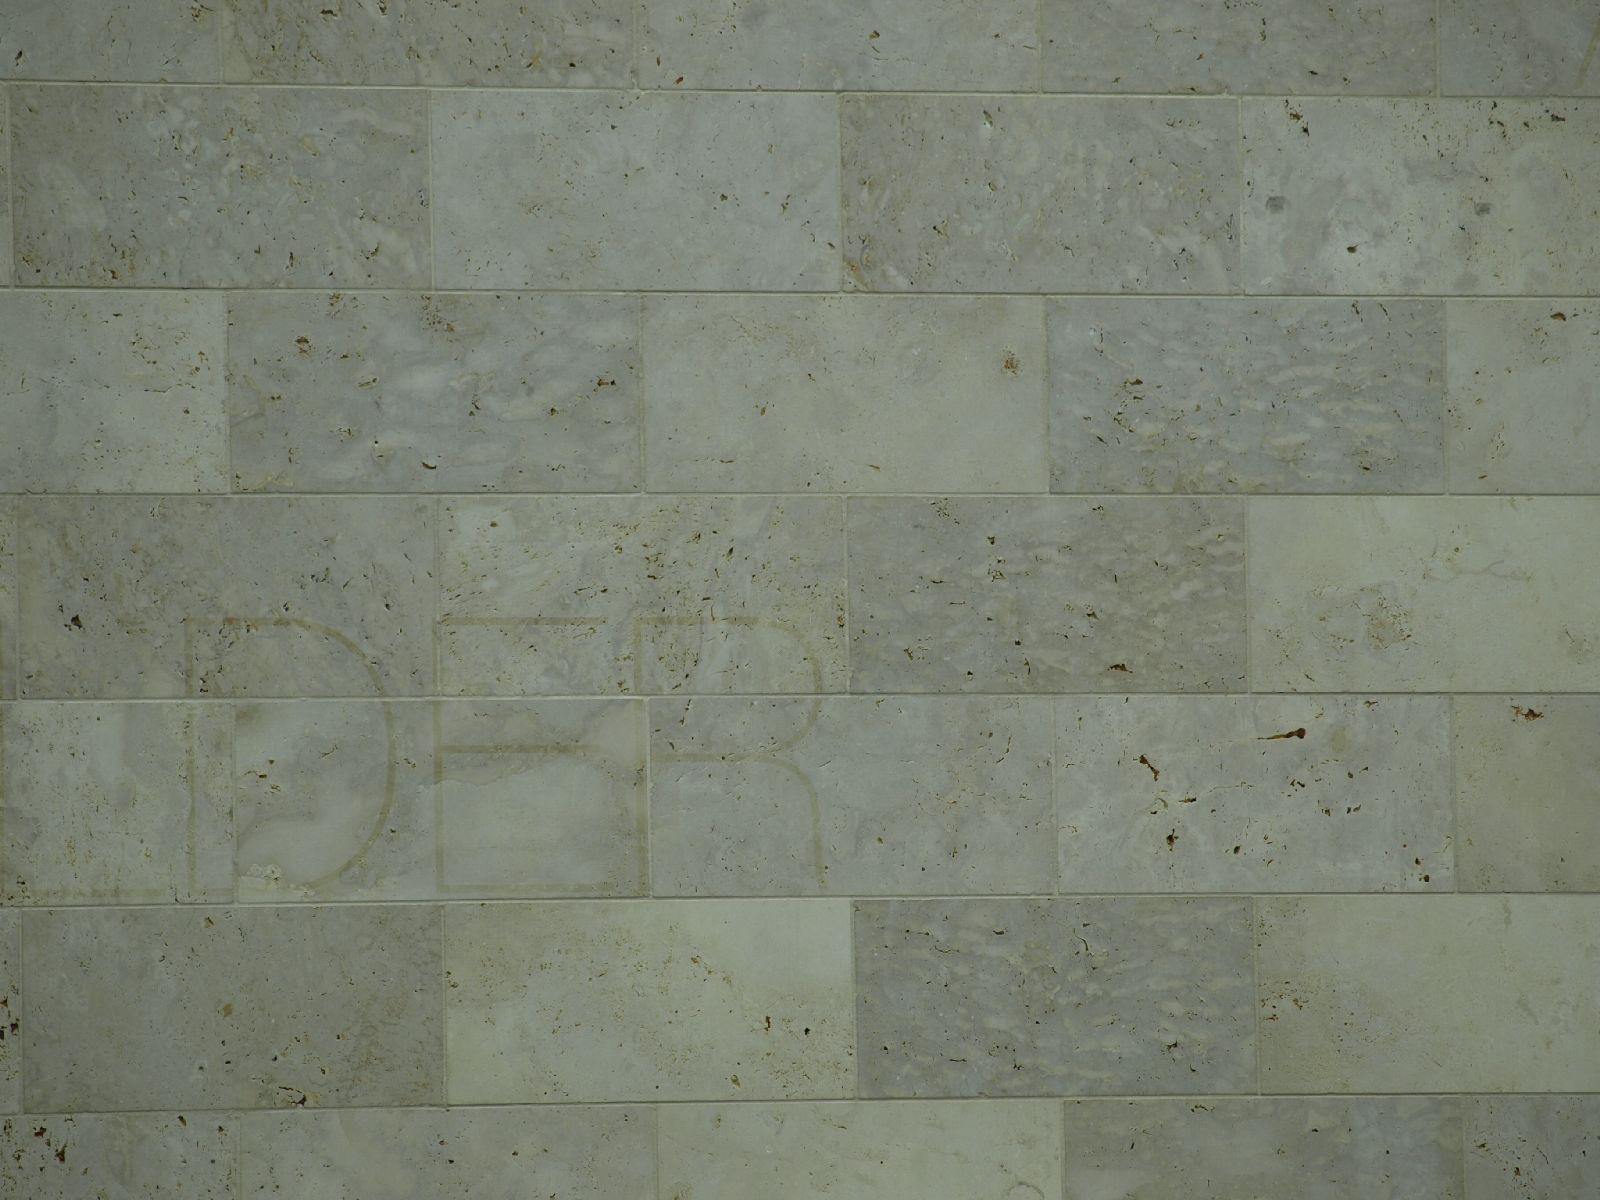 Brick_Texture_A_P6066958